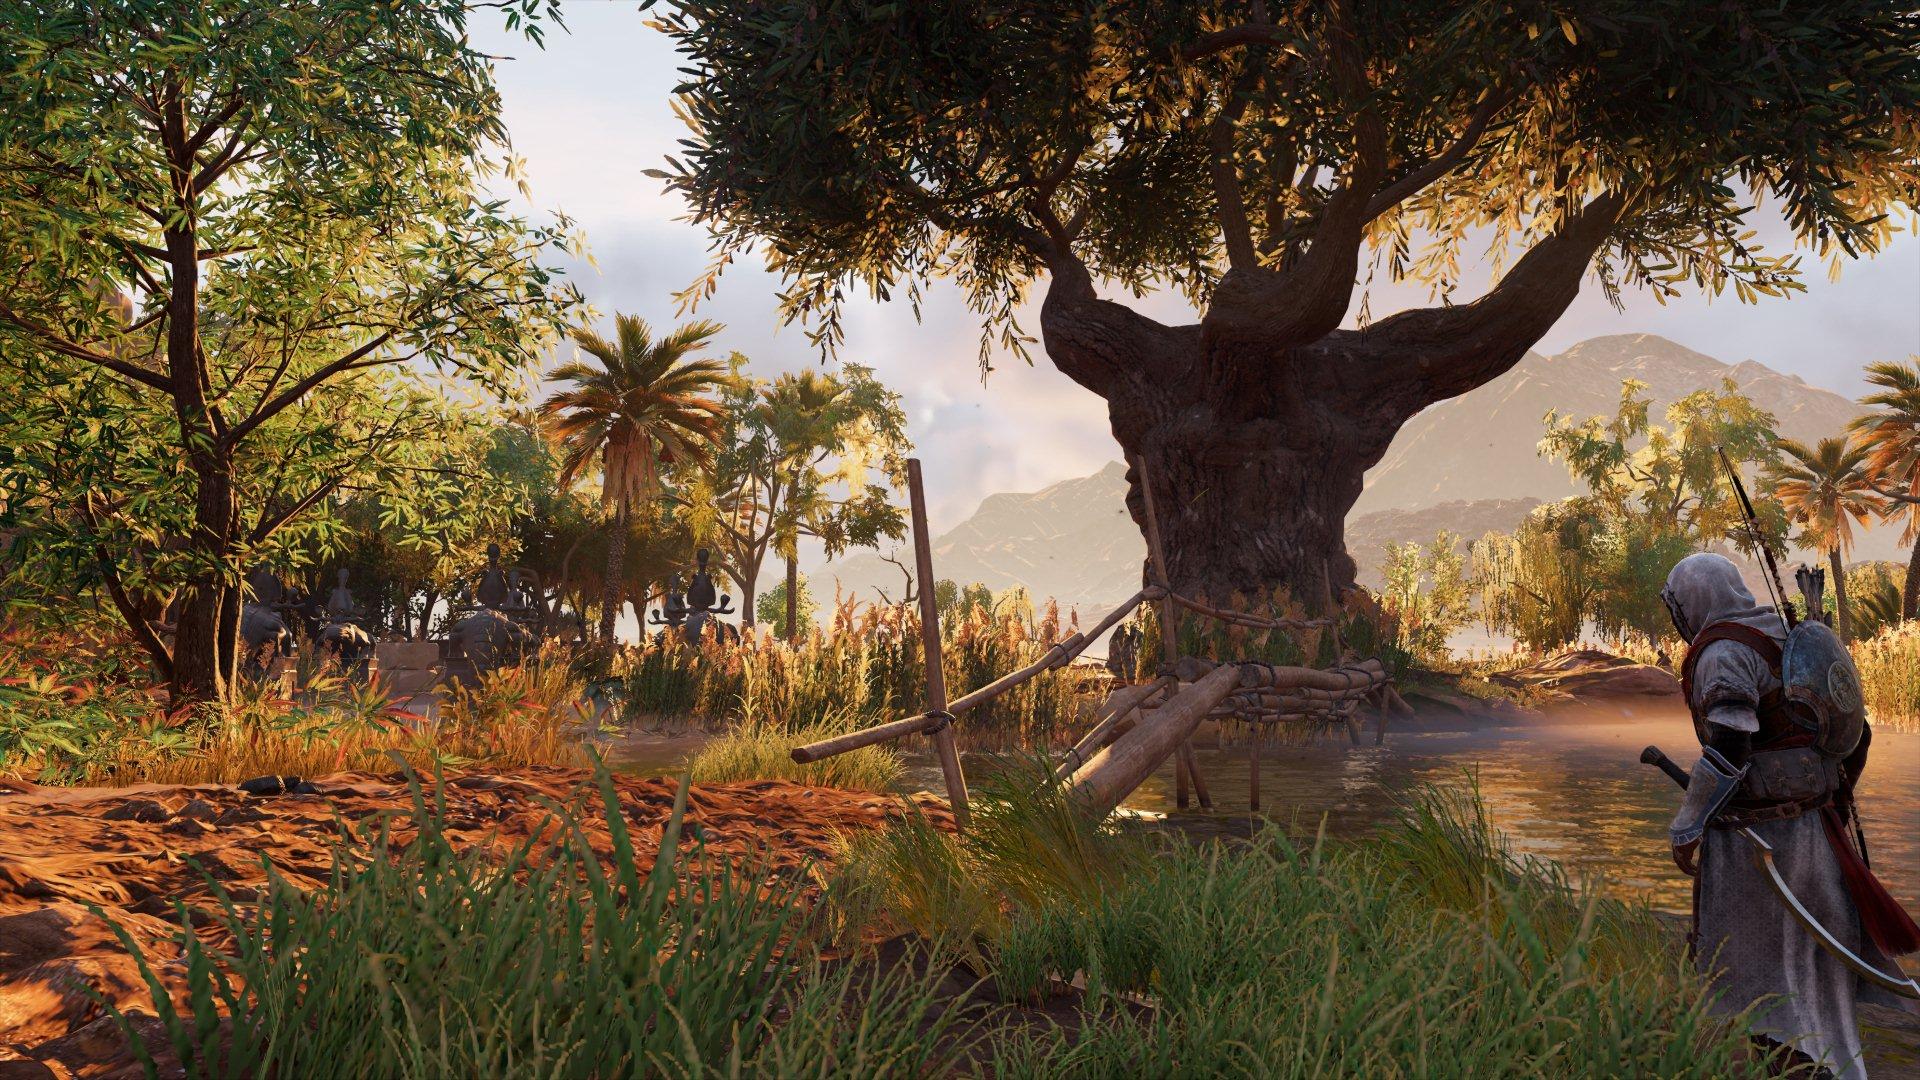 20180214012506.jpg - Assassin's Creed: Origins